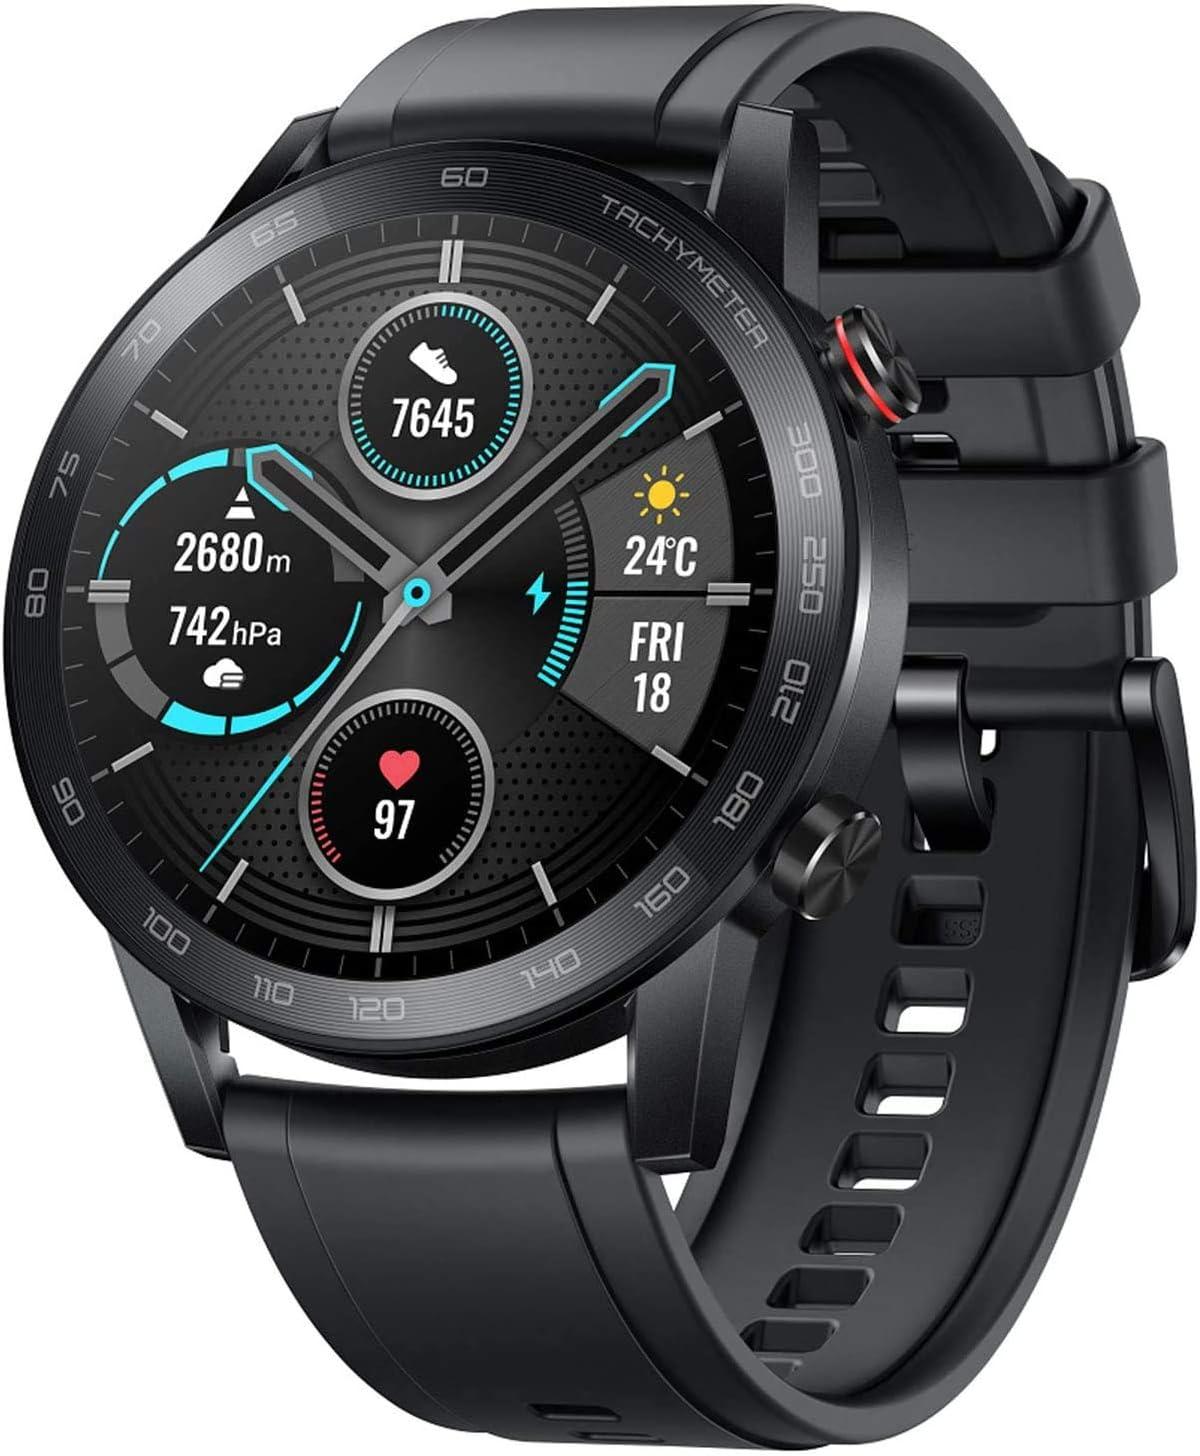 HONOR MagicWatch 2 Reloj Inteligente 46mm Monitor de Actividad Física SpO2 (Saturación de Oxígeno) Monitor de Frecuencia Cardíaca Sueño, 15 Modos de Ejercicio, Negro